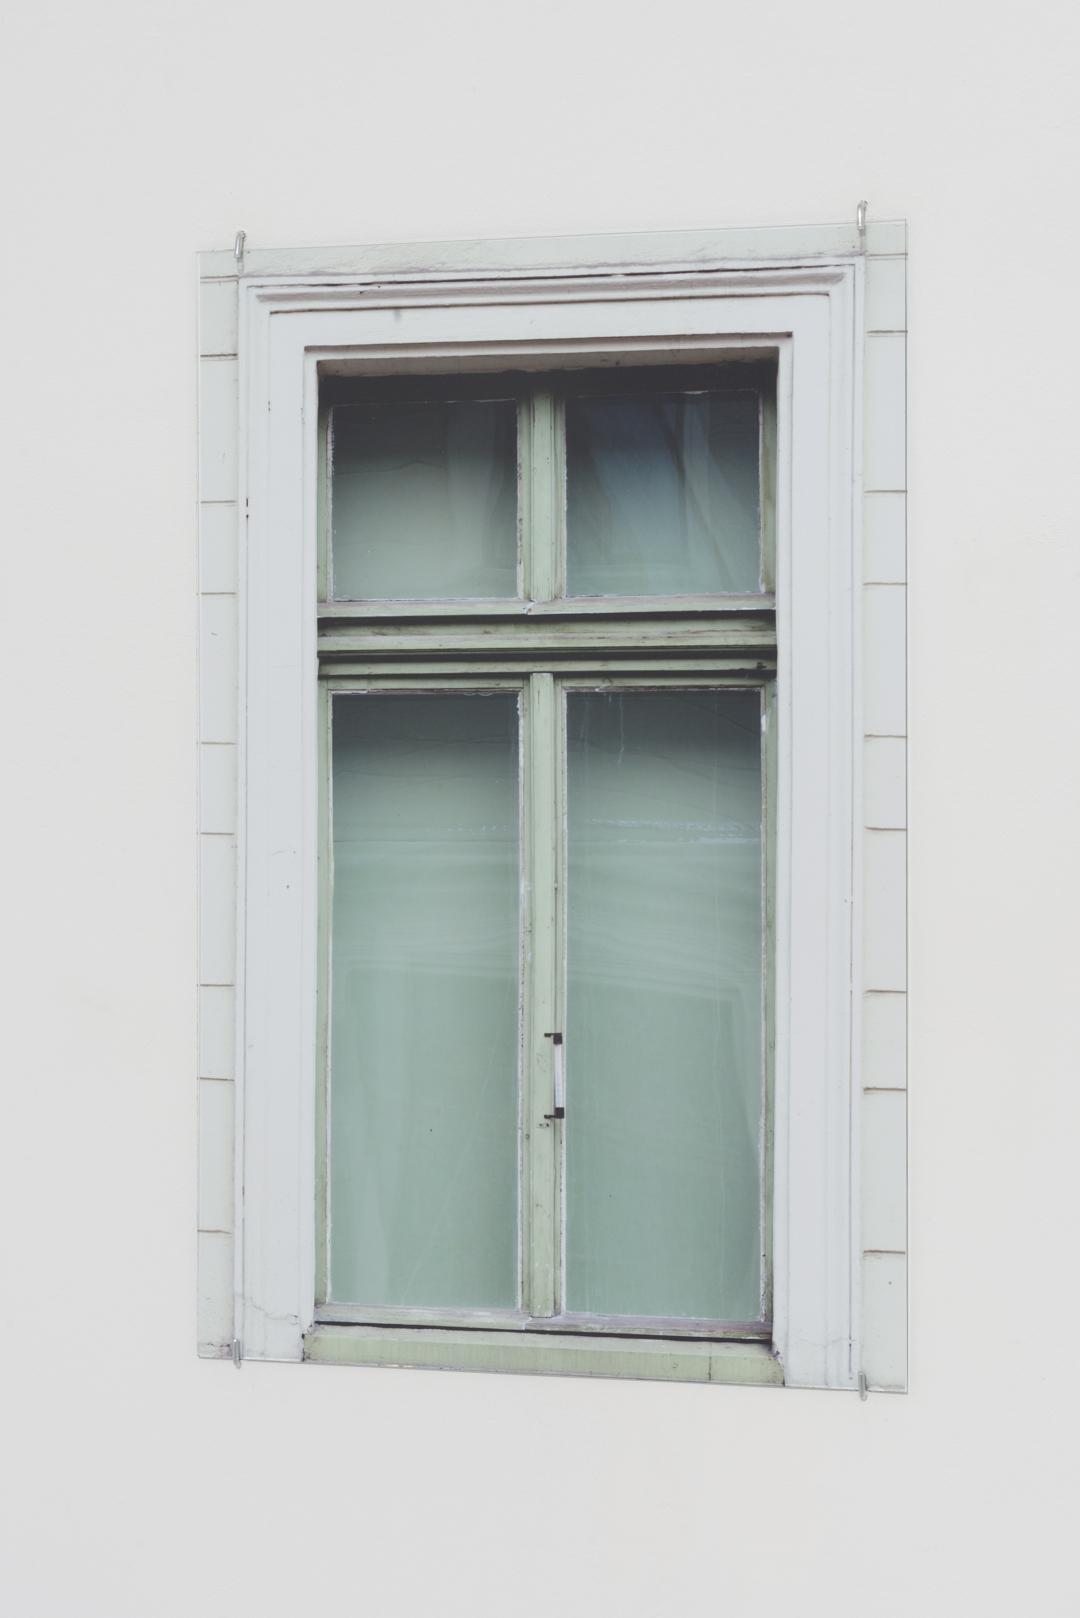 Katarzyna Malejka, Okno, które jest zatobą, fotografia, 37,5 x 25 cm, 2016